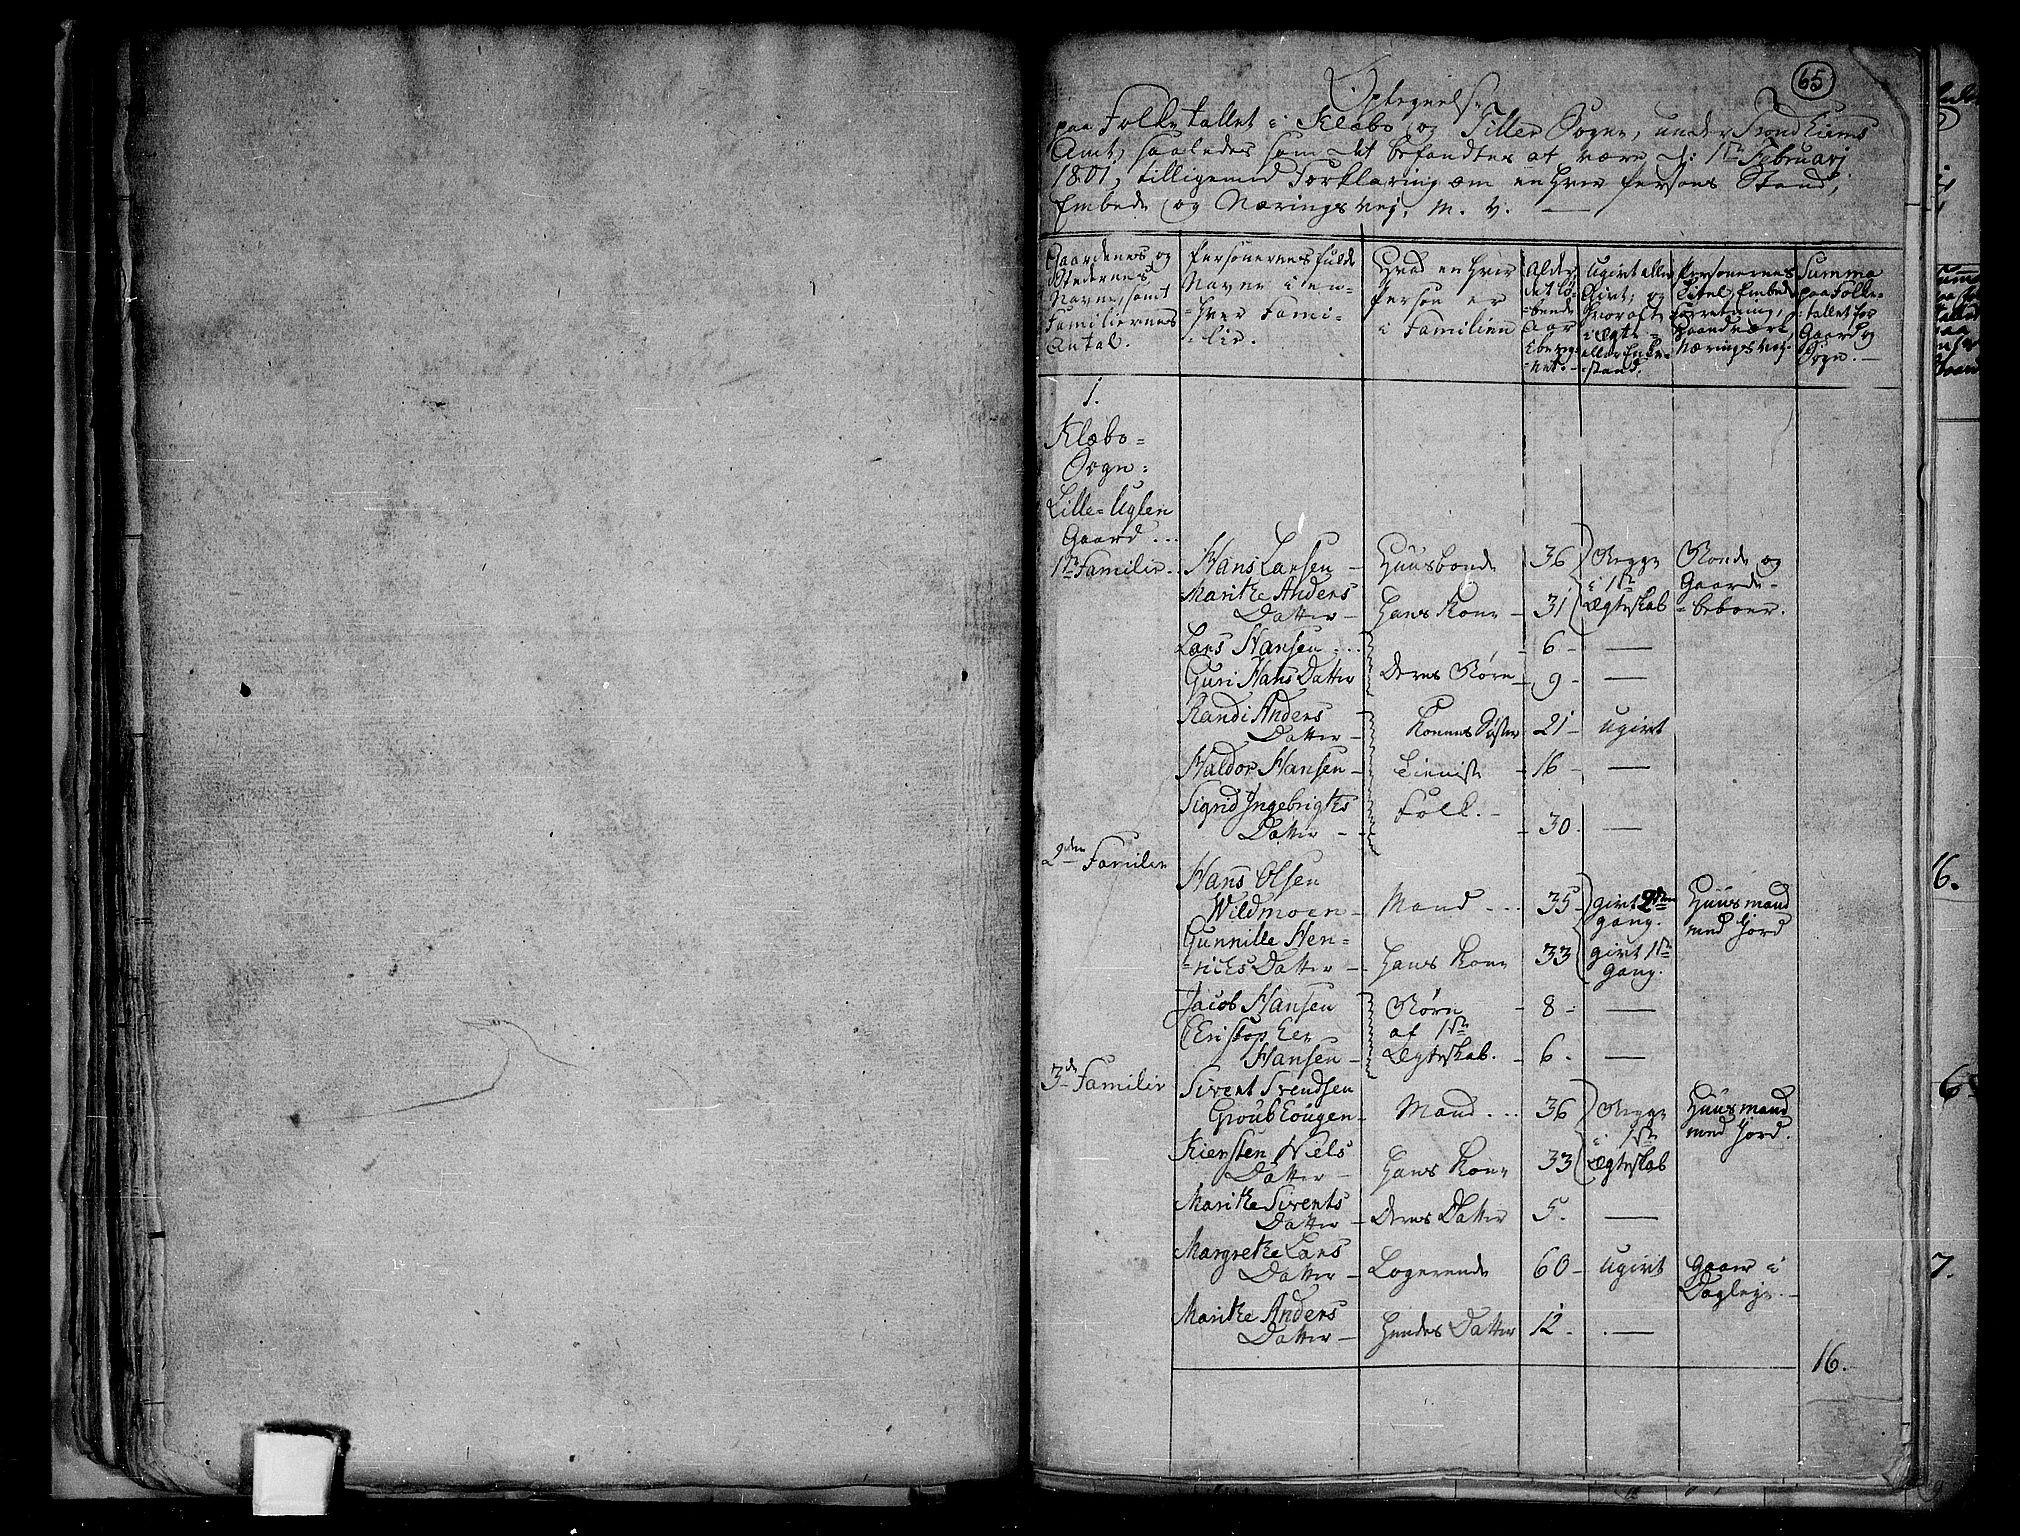 RA, Folketelling 1801 for 1662P Klæbu prestegjeld, 1801, s. 64b-65a